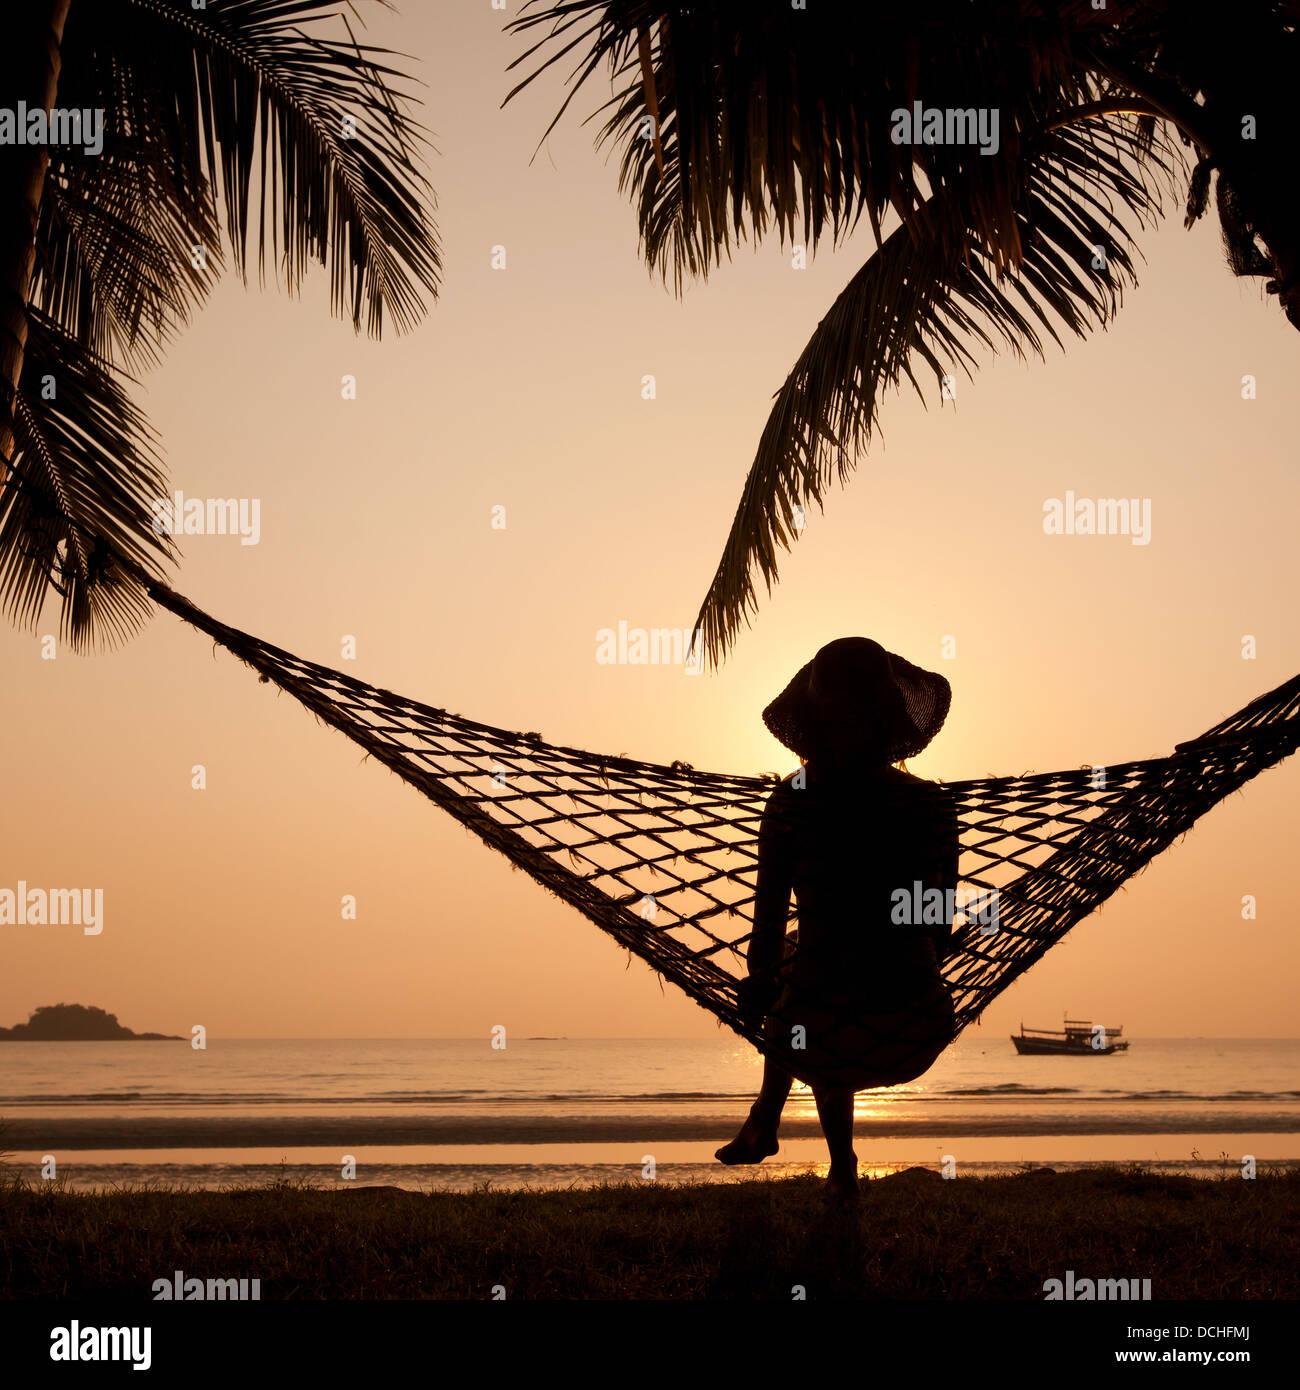 Woman in hammock appréciant le coucher du soleil sur la plage Photo Stock